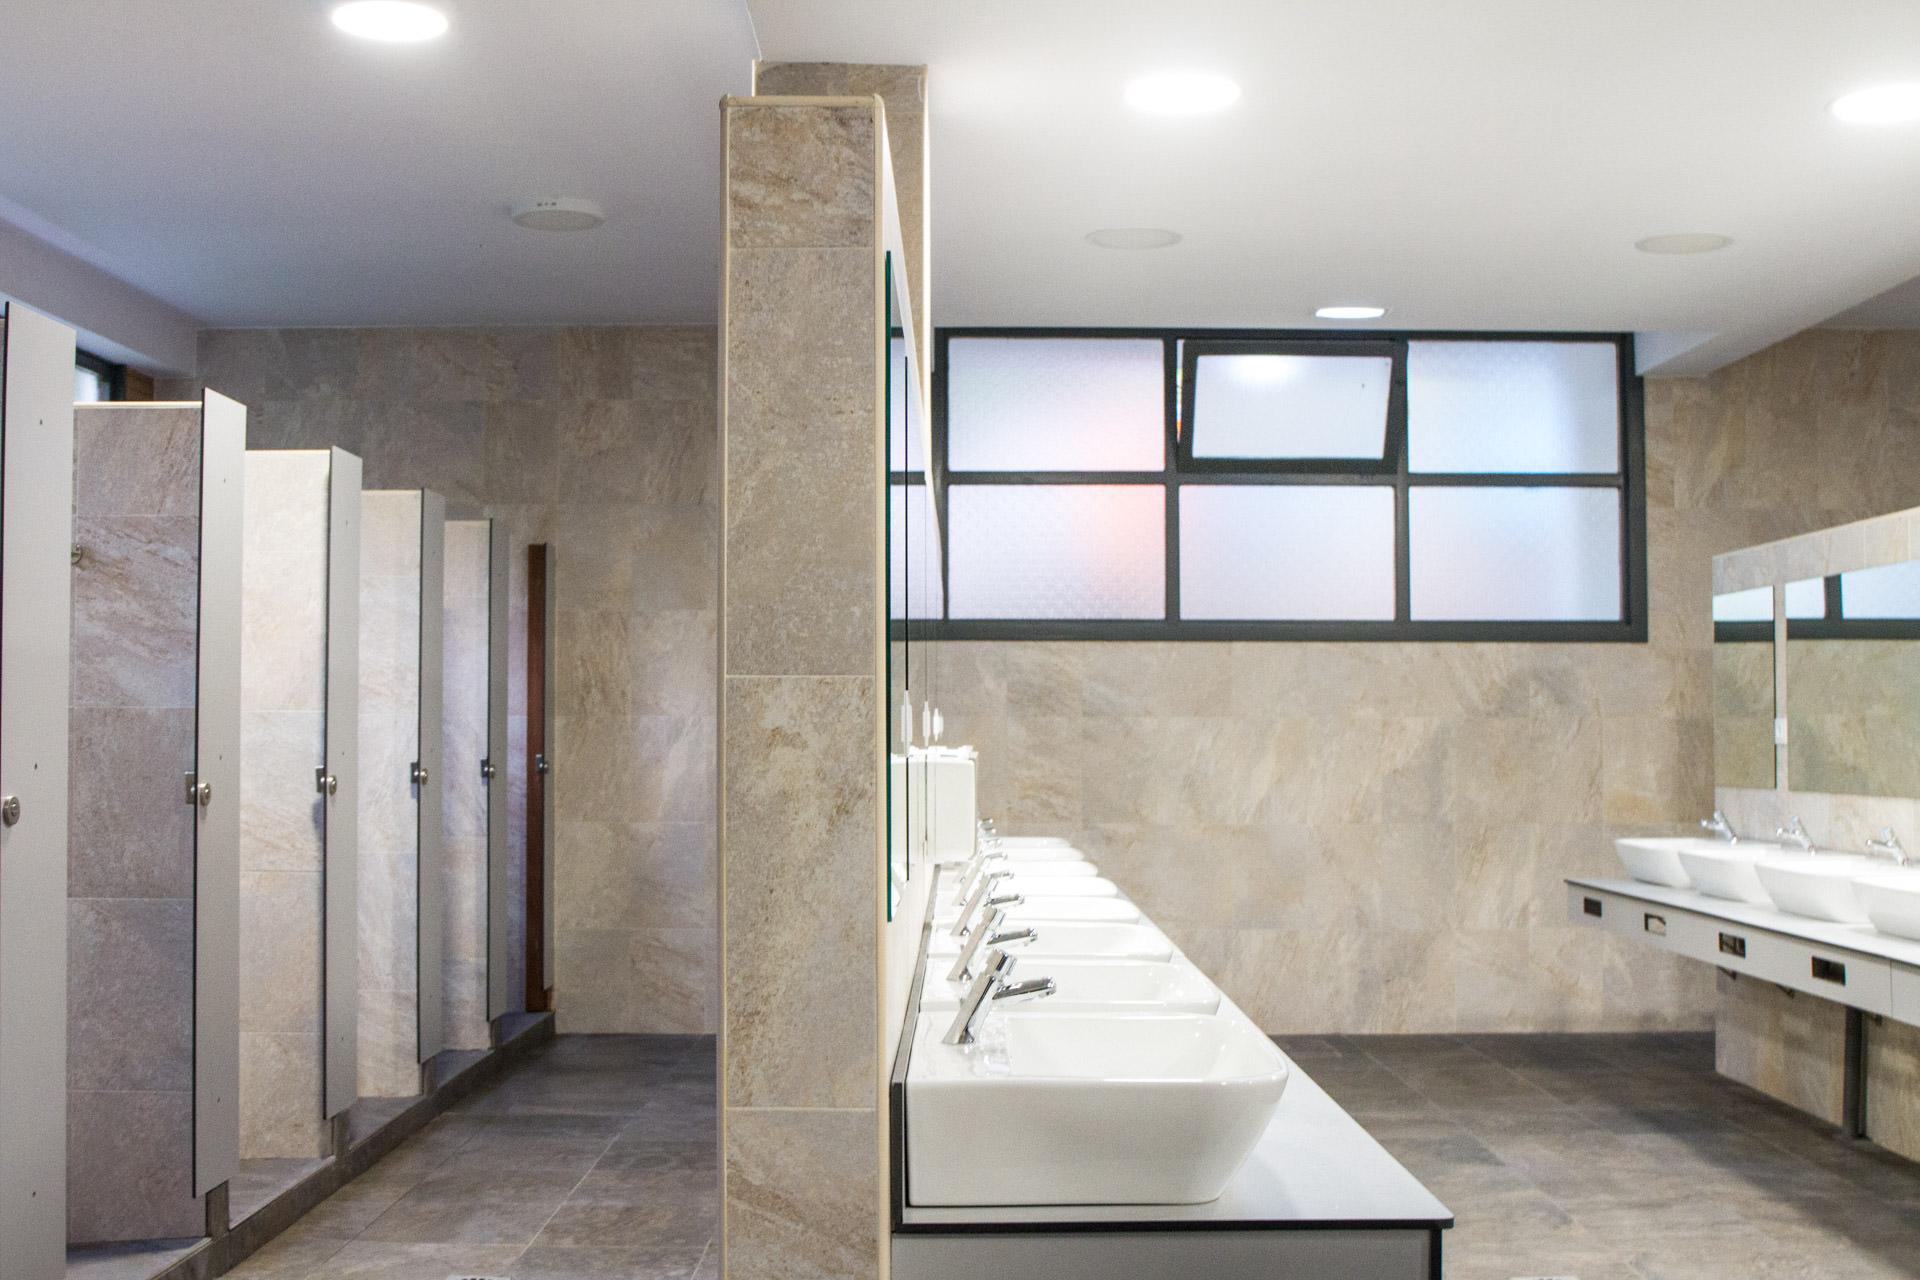 Vista interior de las baños del camping con duchas y lavabos